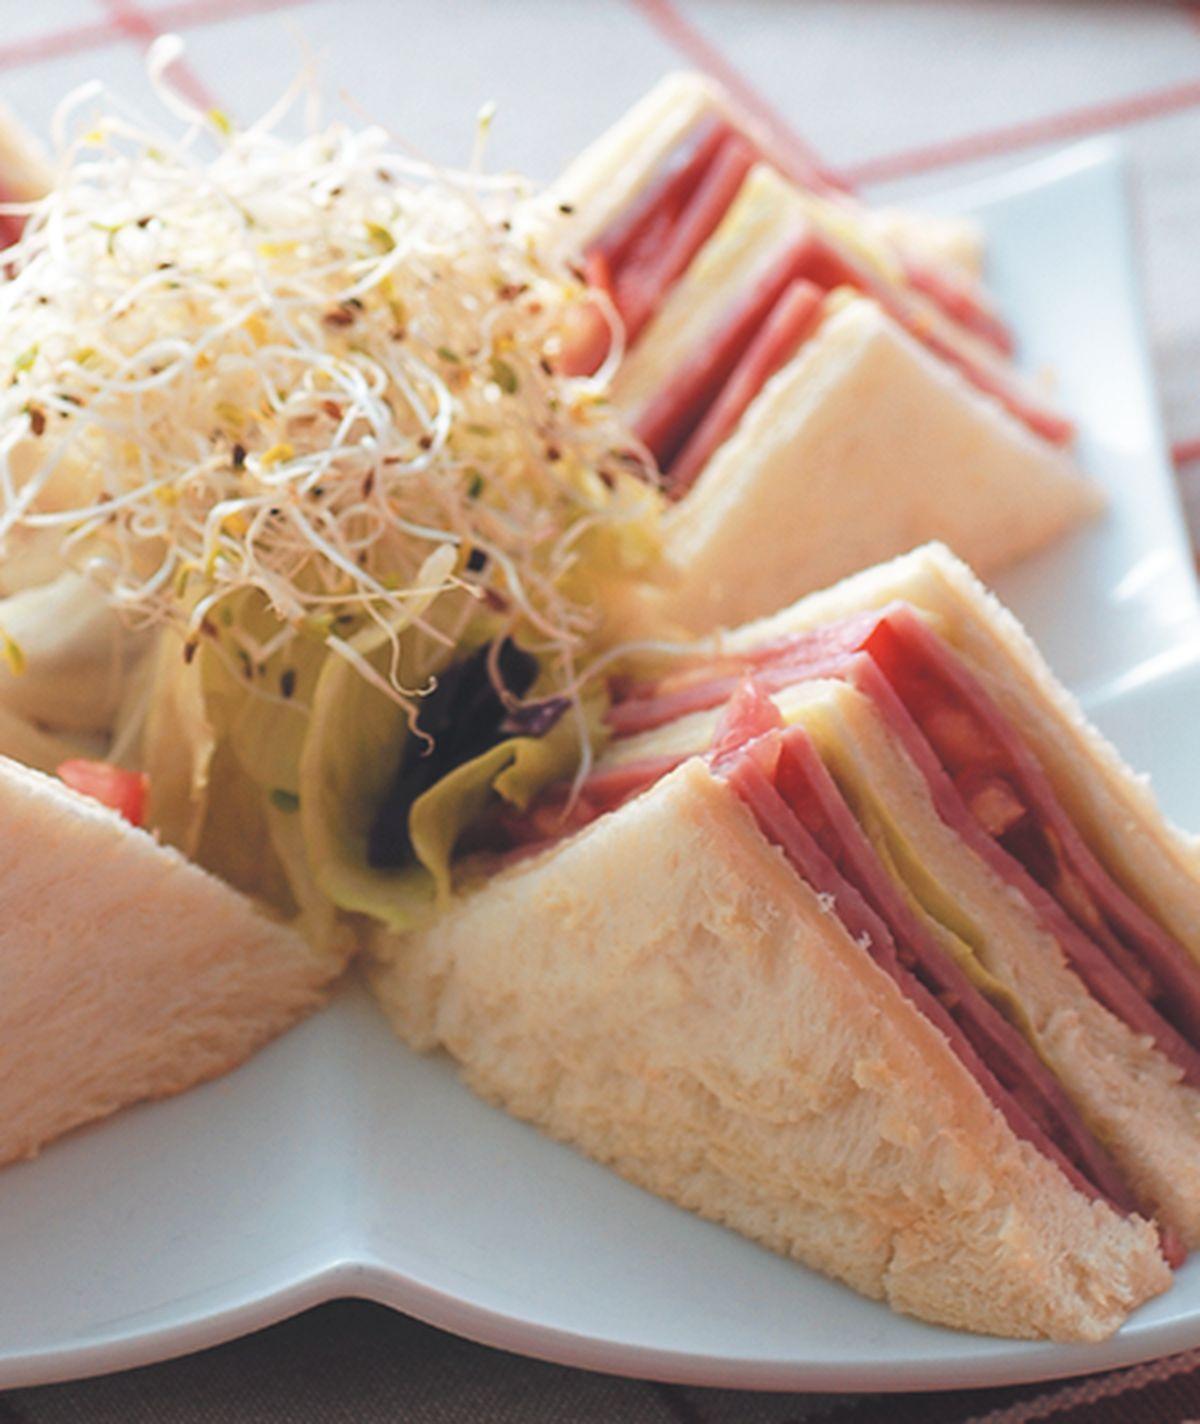 食譜:優香鮮蔬火腿三明治